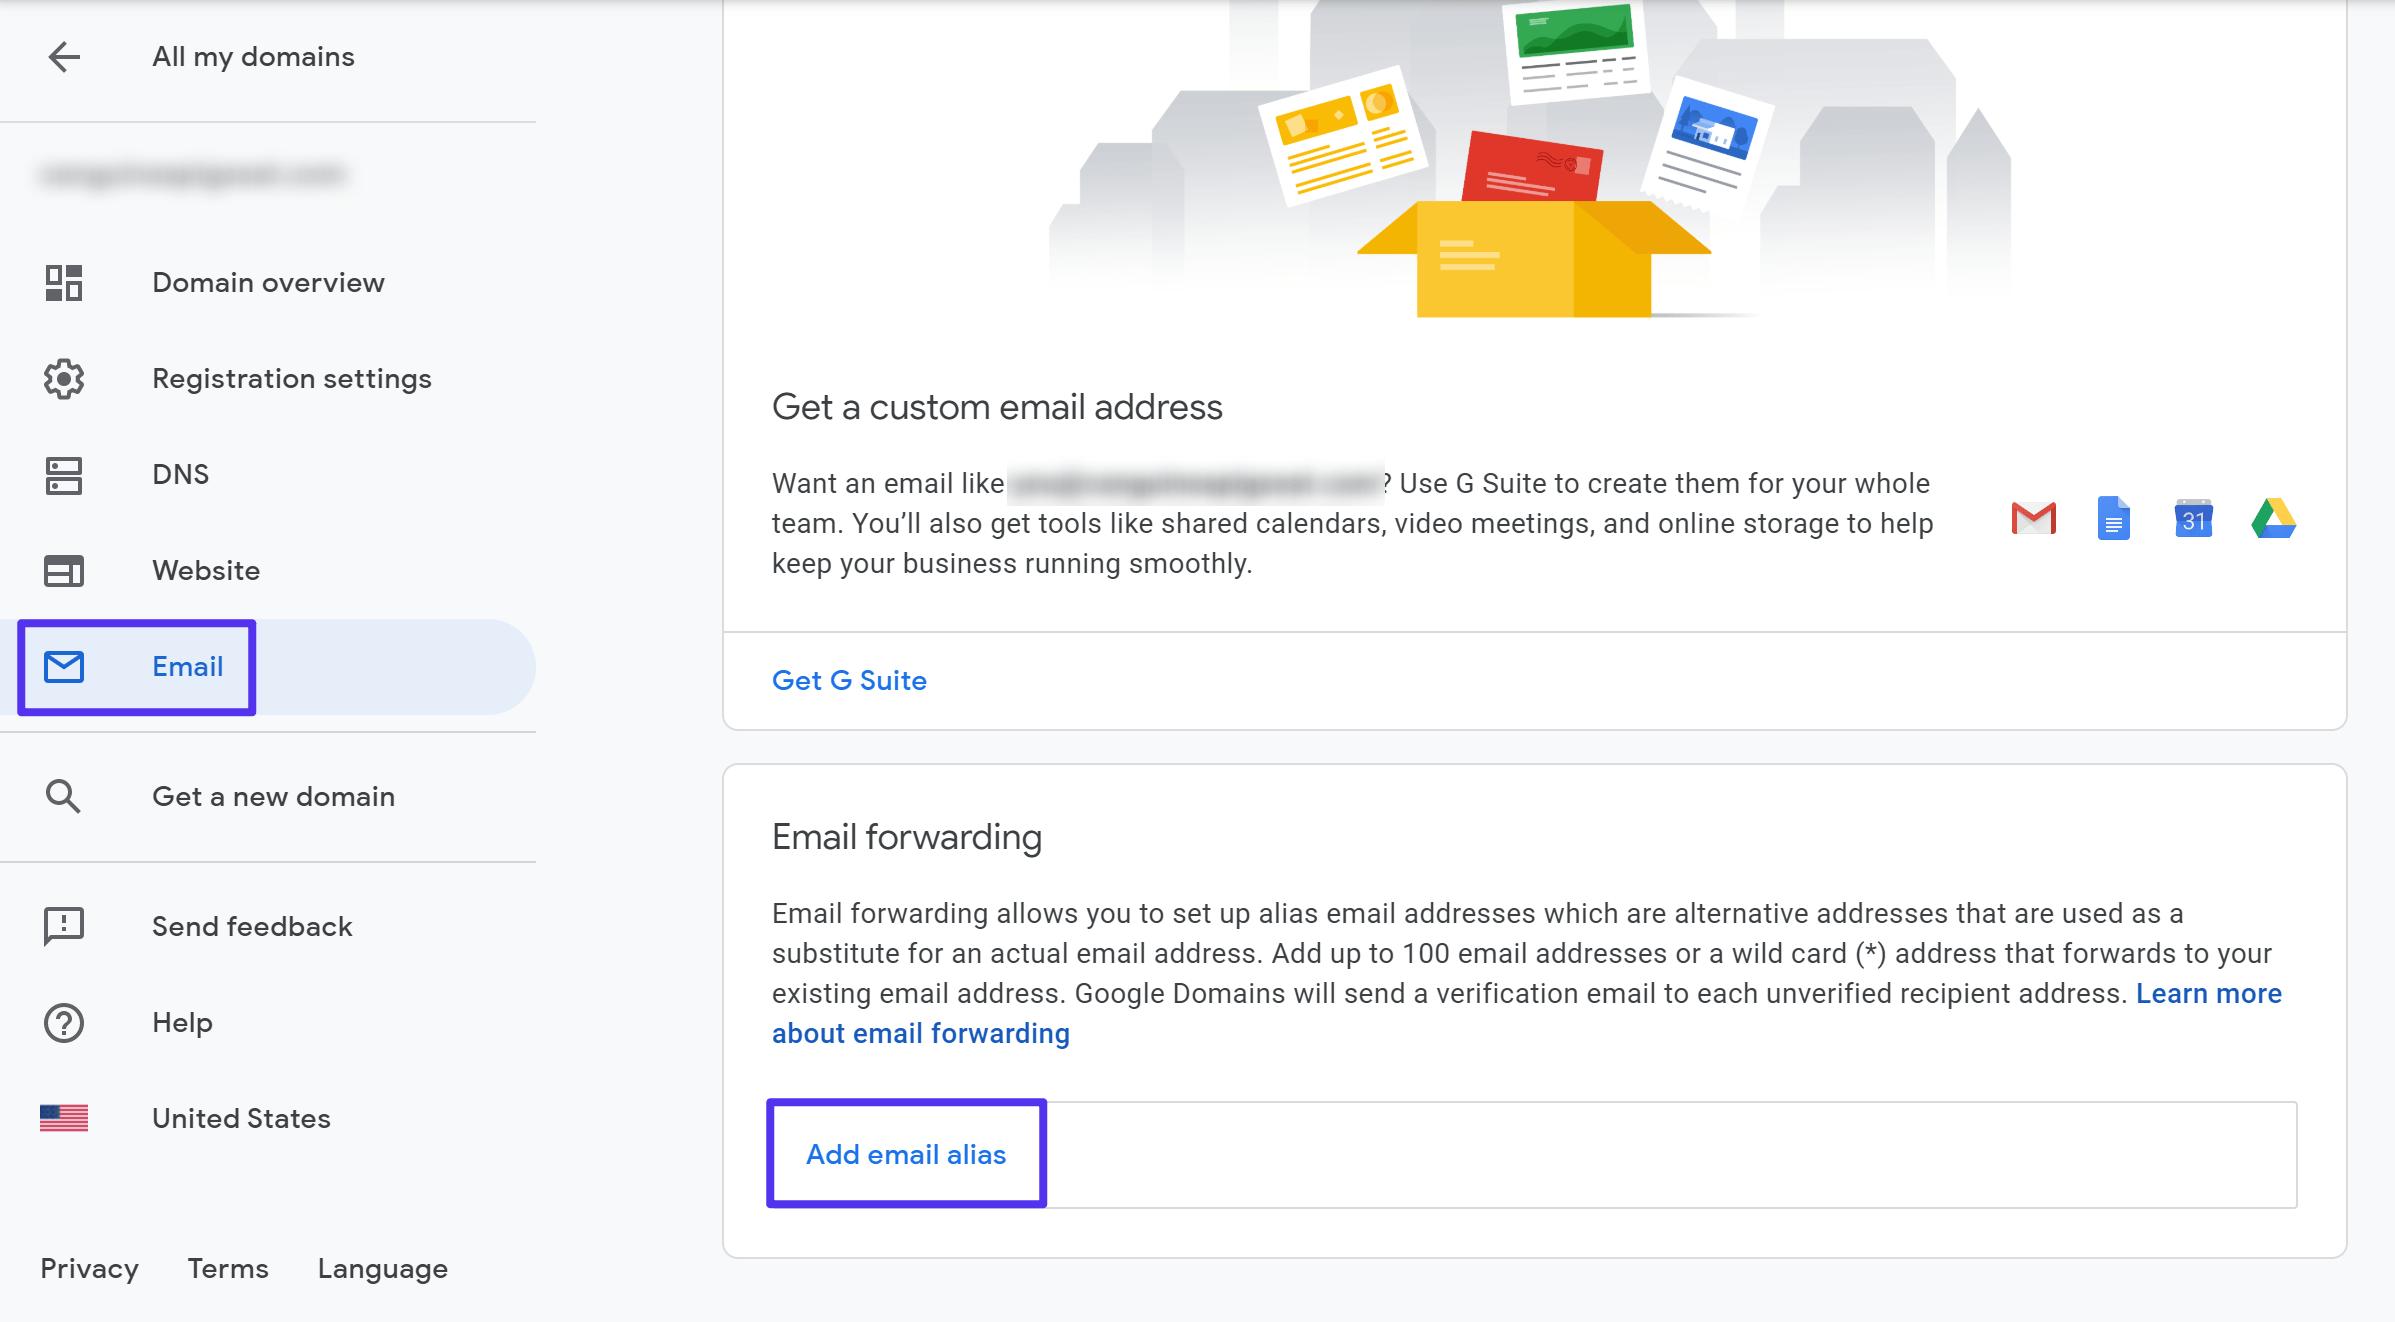 Come creare gli alias e-mail di Google Domains